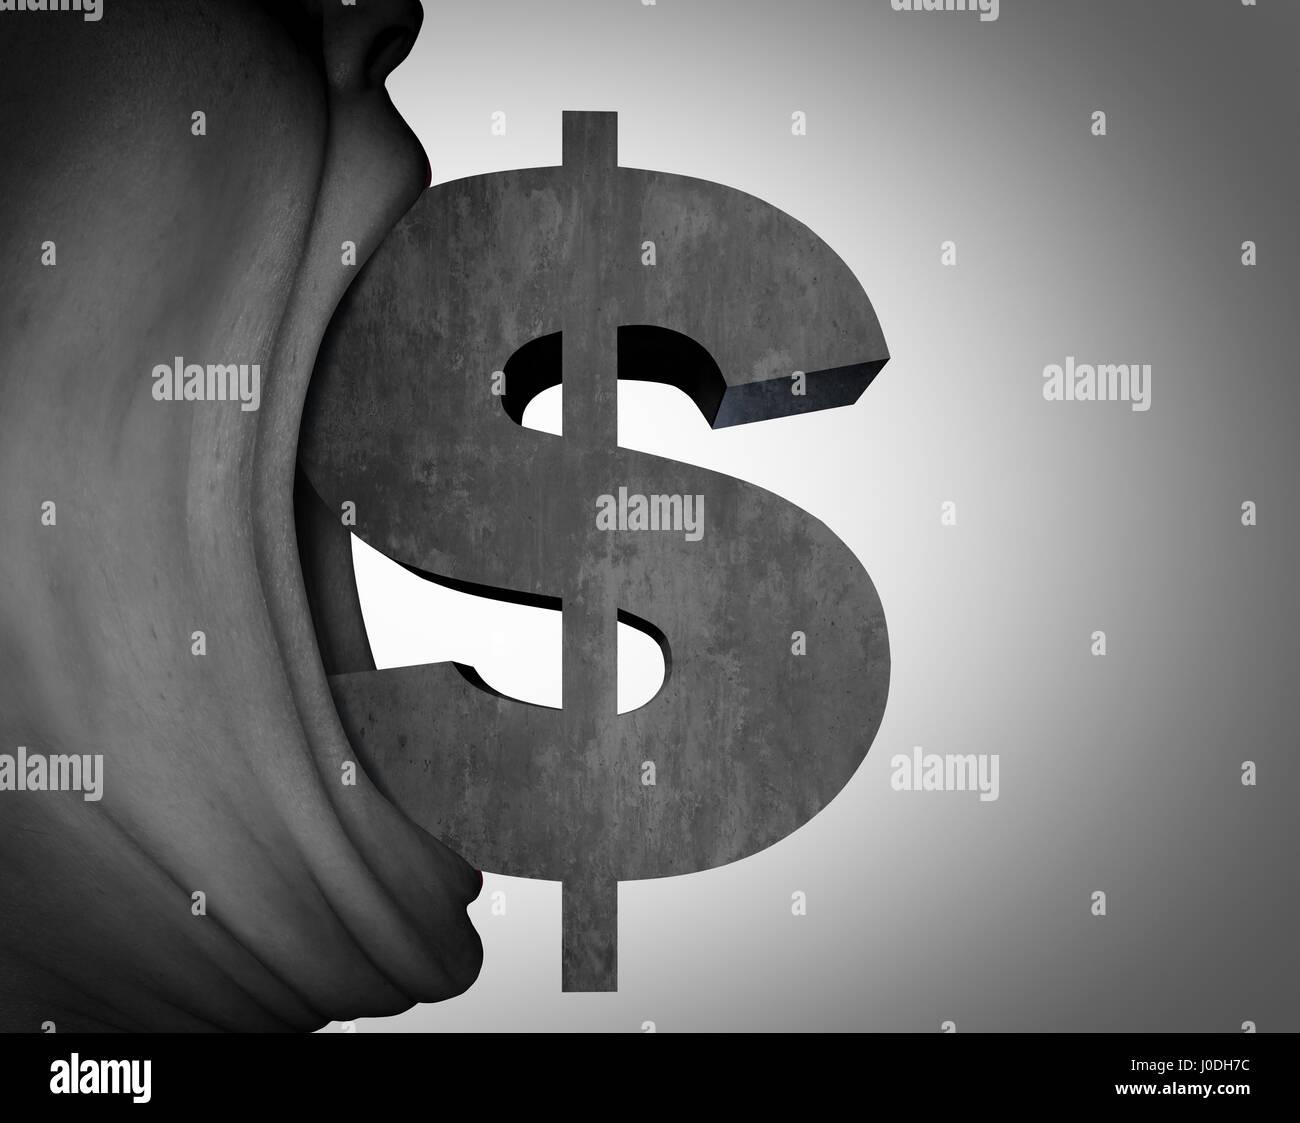 Affamato di denaro e avidità o consigli finanziari concetto come una bocca golosa con il segno del Dollaro Immagini Stock